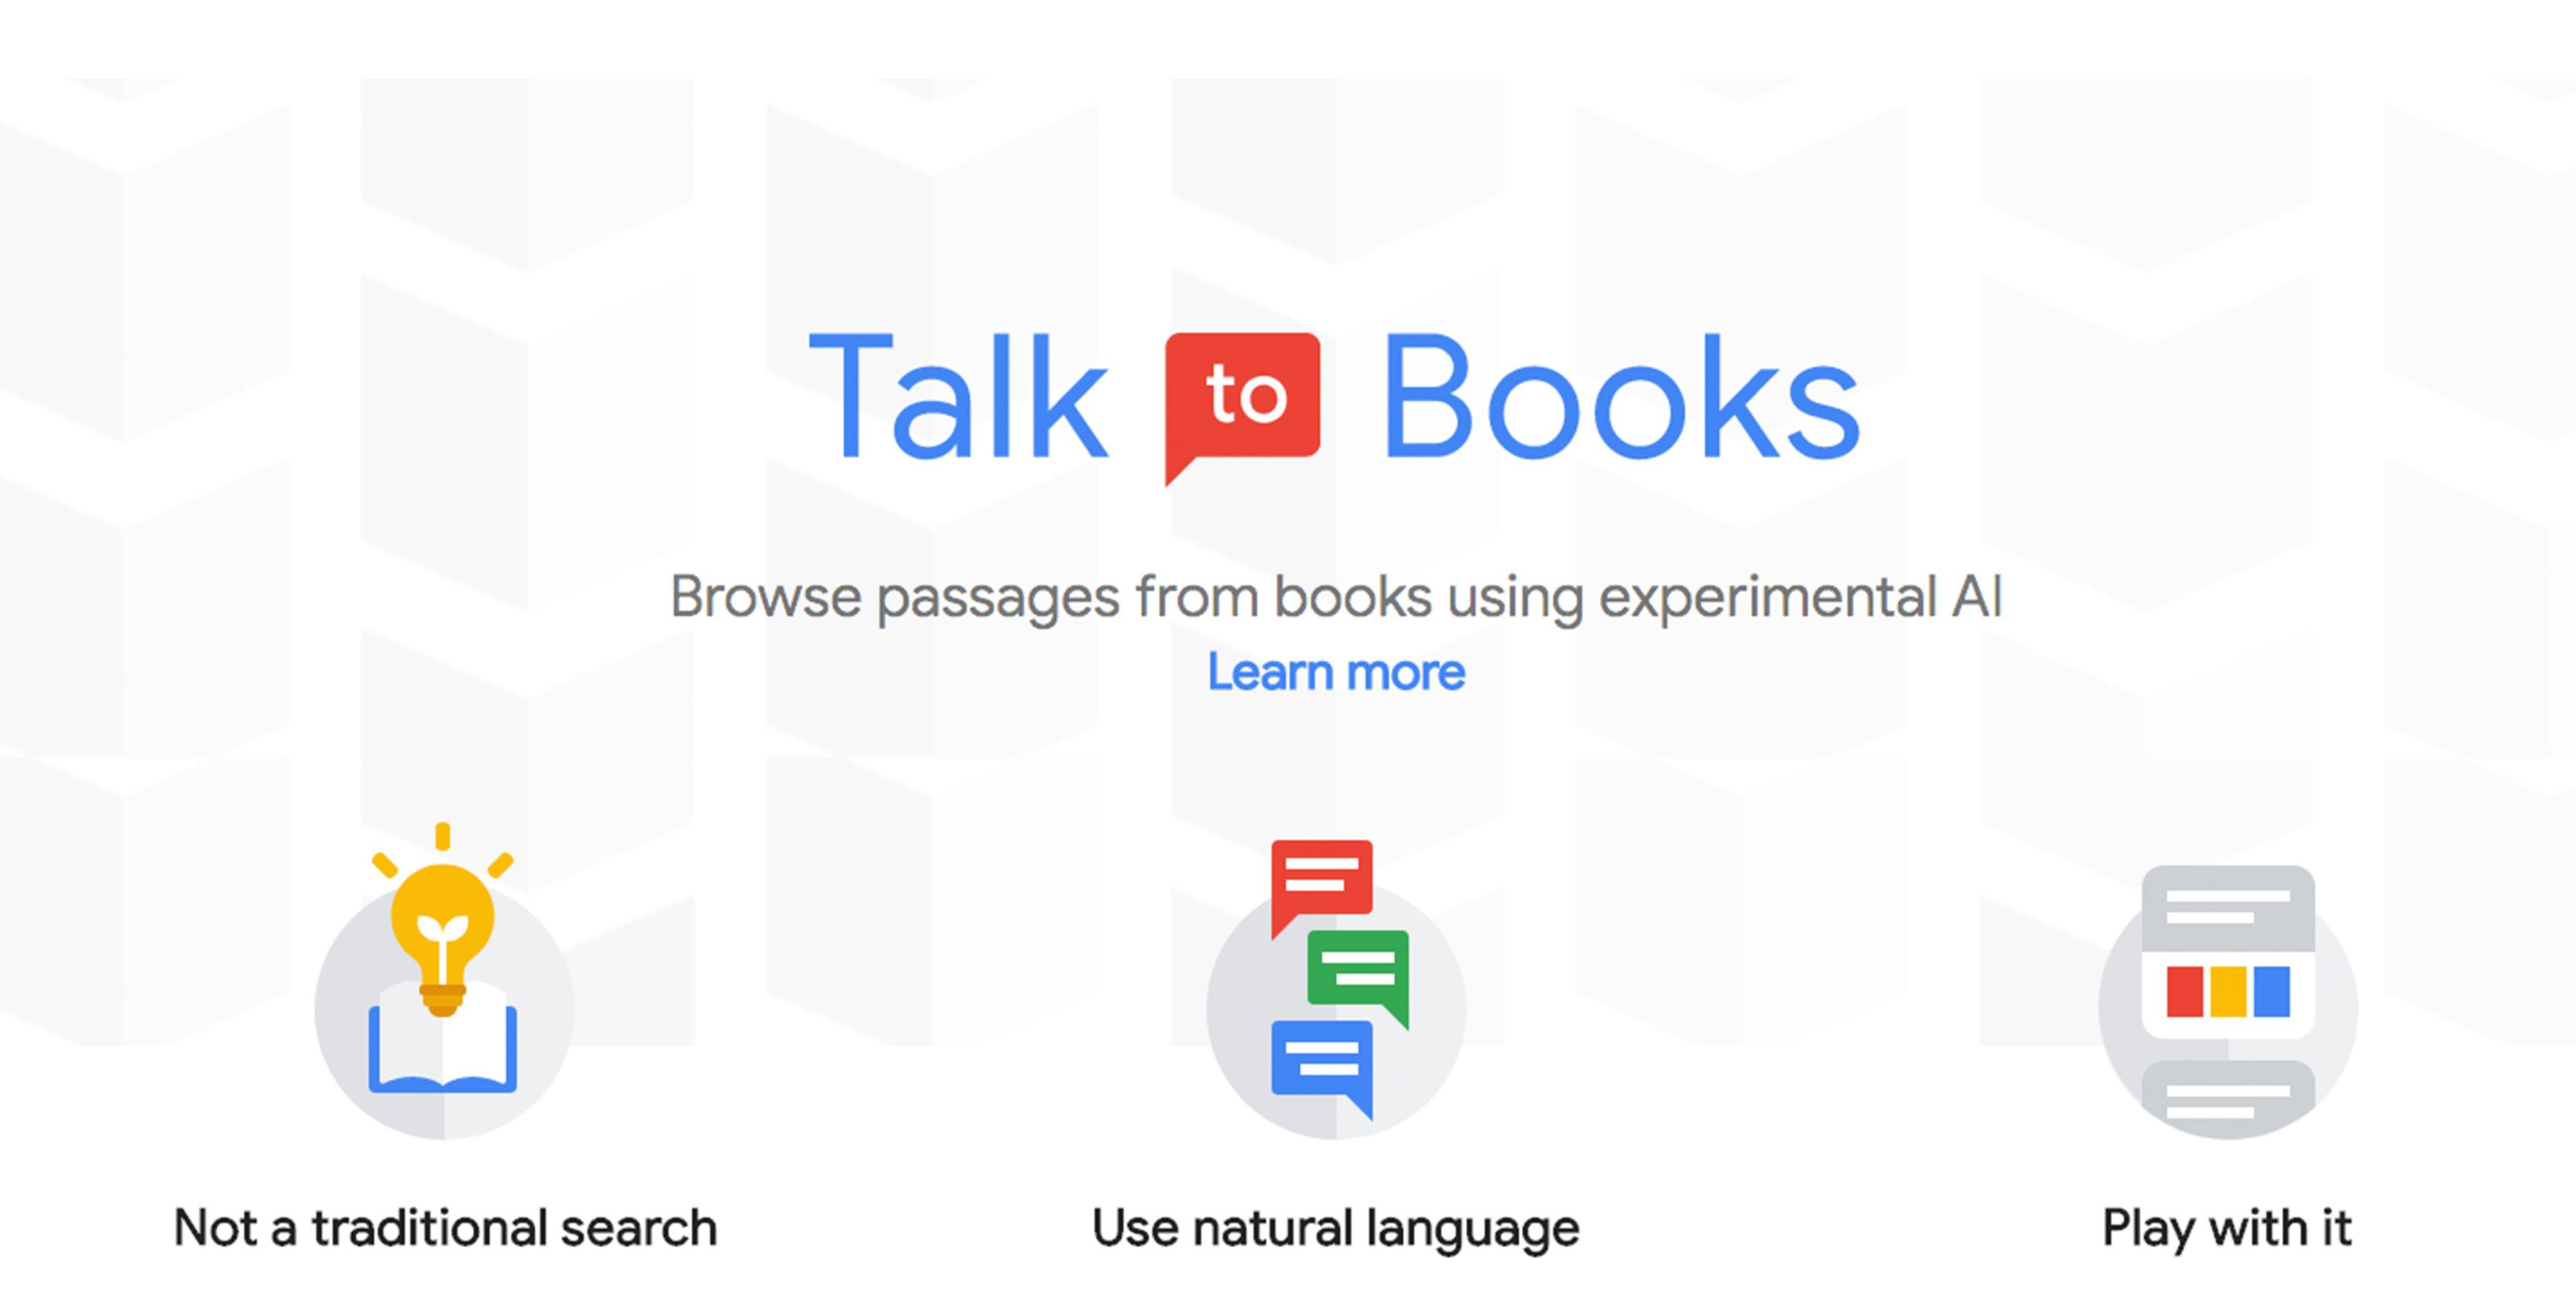 أداة التحدث للكتب من جوجل Talk To Books